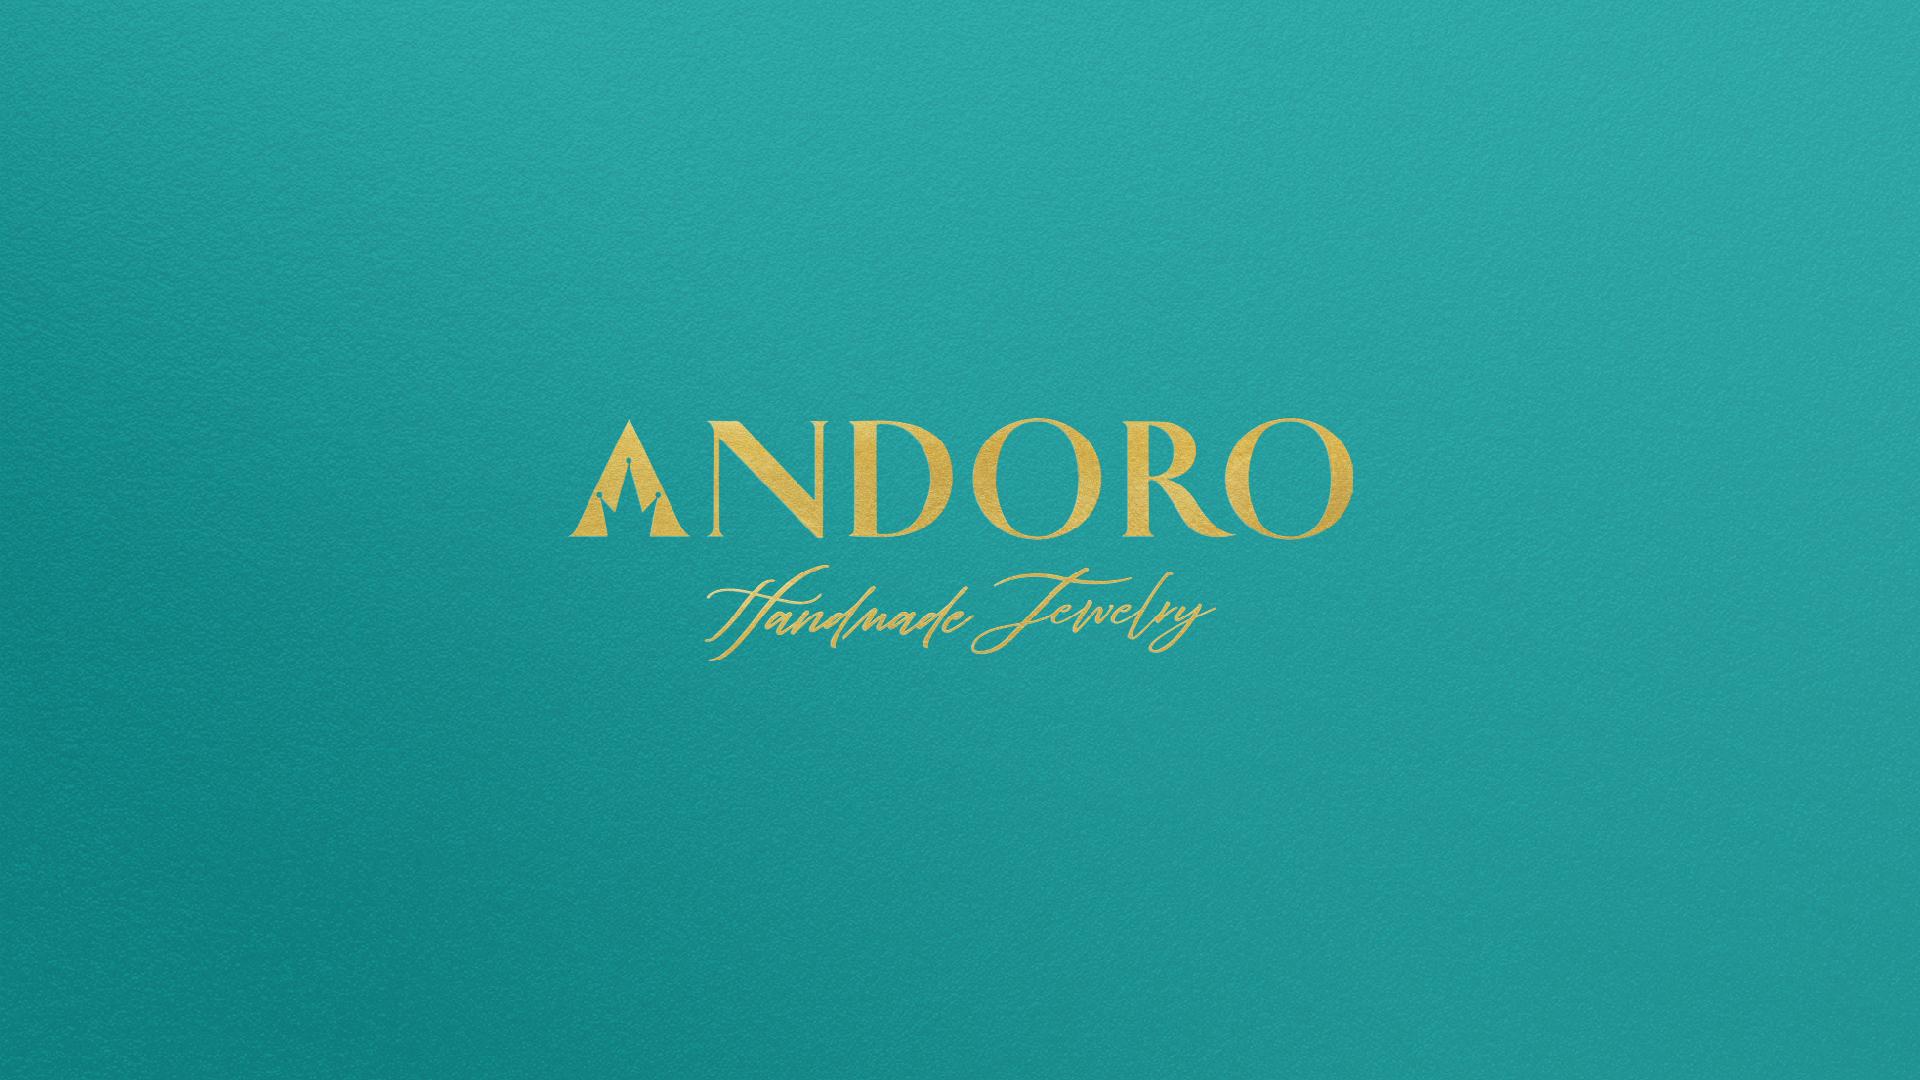 Logo ANDORO-17